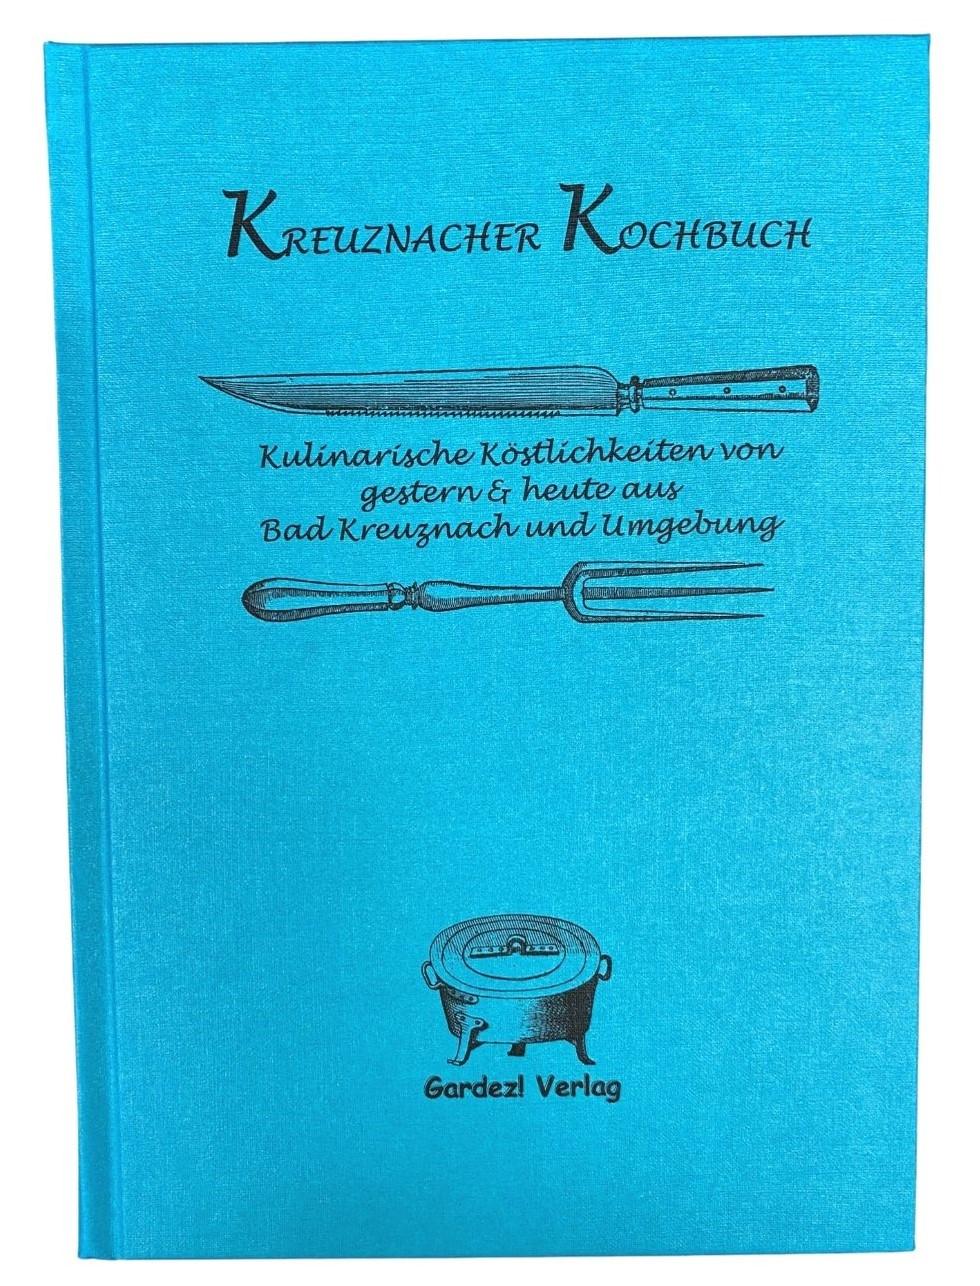 Kreuznacher Kochbuch